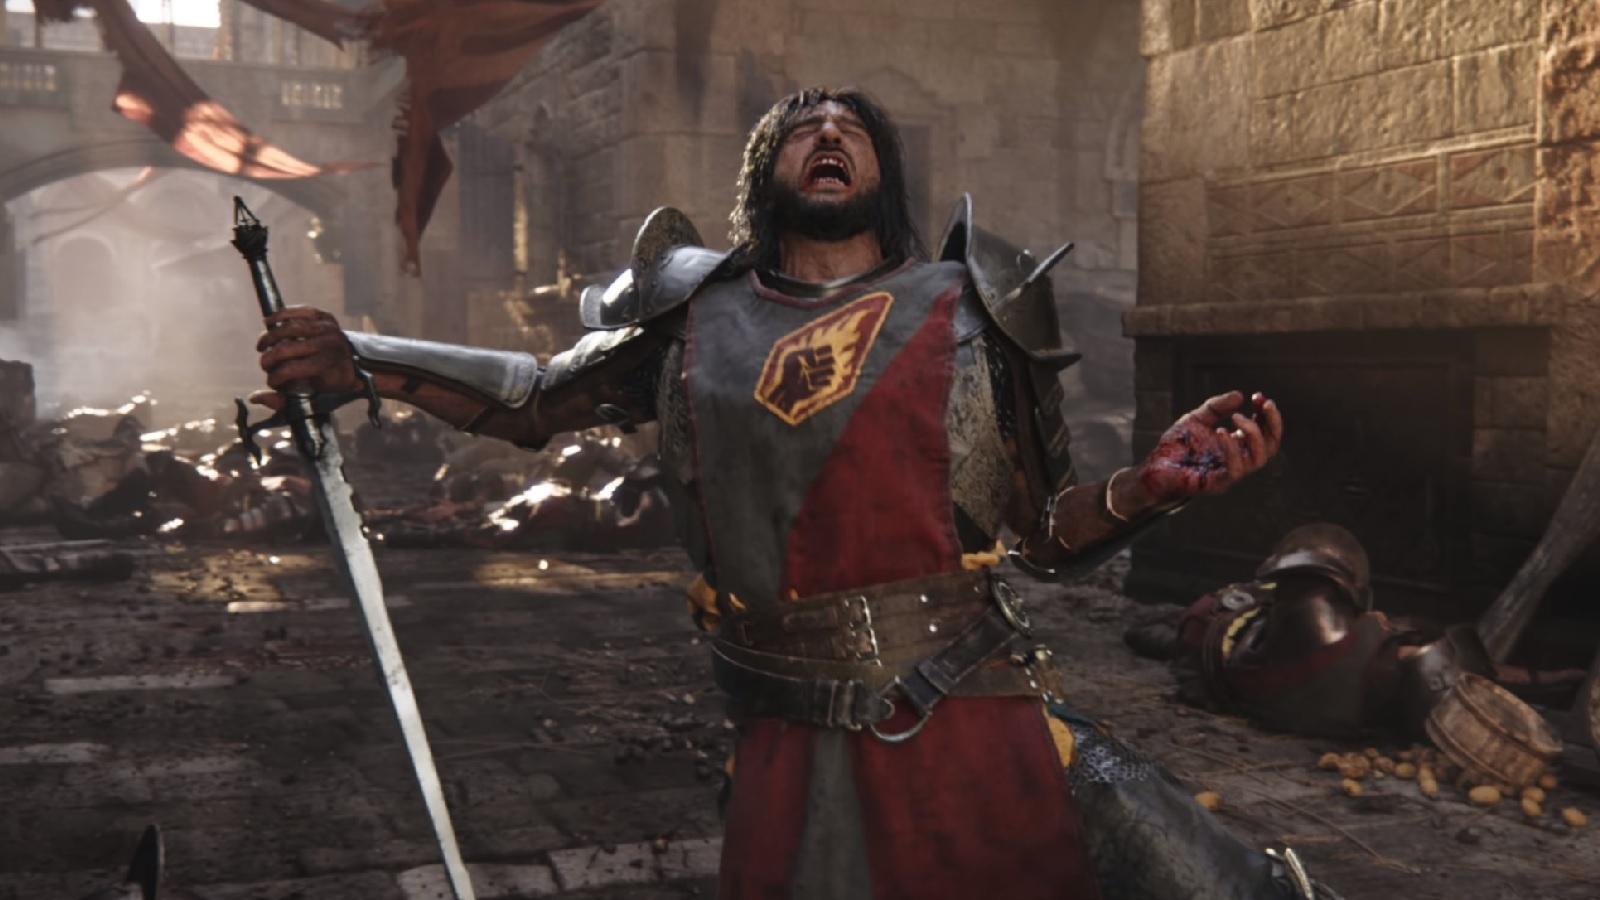 Сэкономить не получится: Baldur's Gate 3 оказалась заметно дороже обеих  Divinity: Original Sin